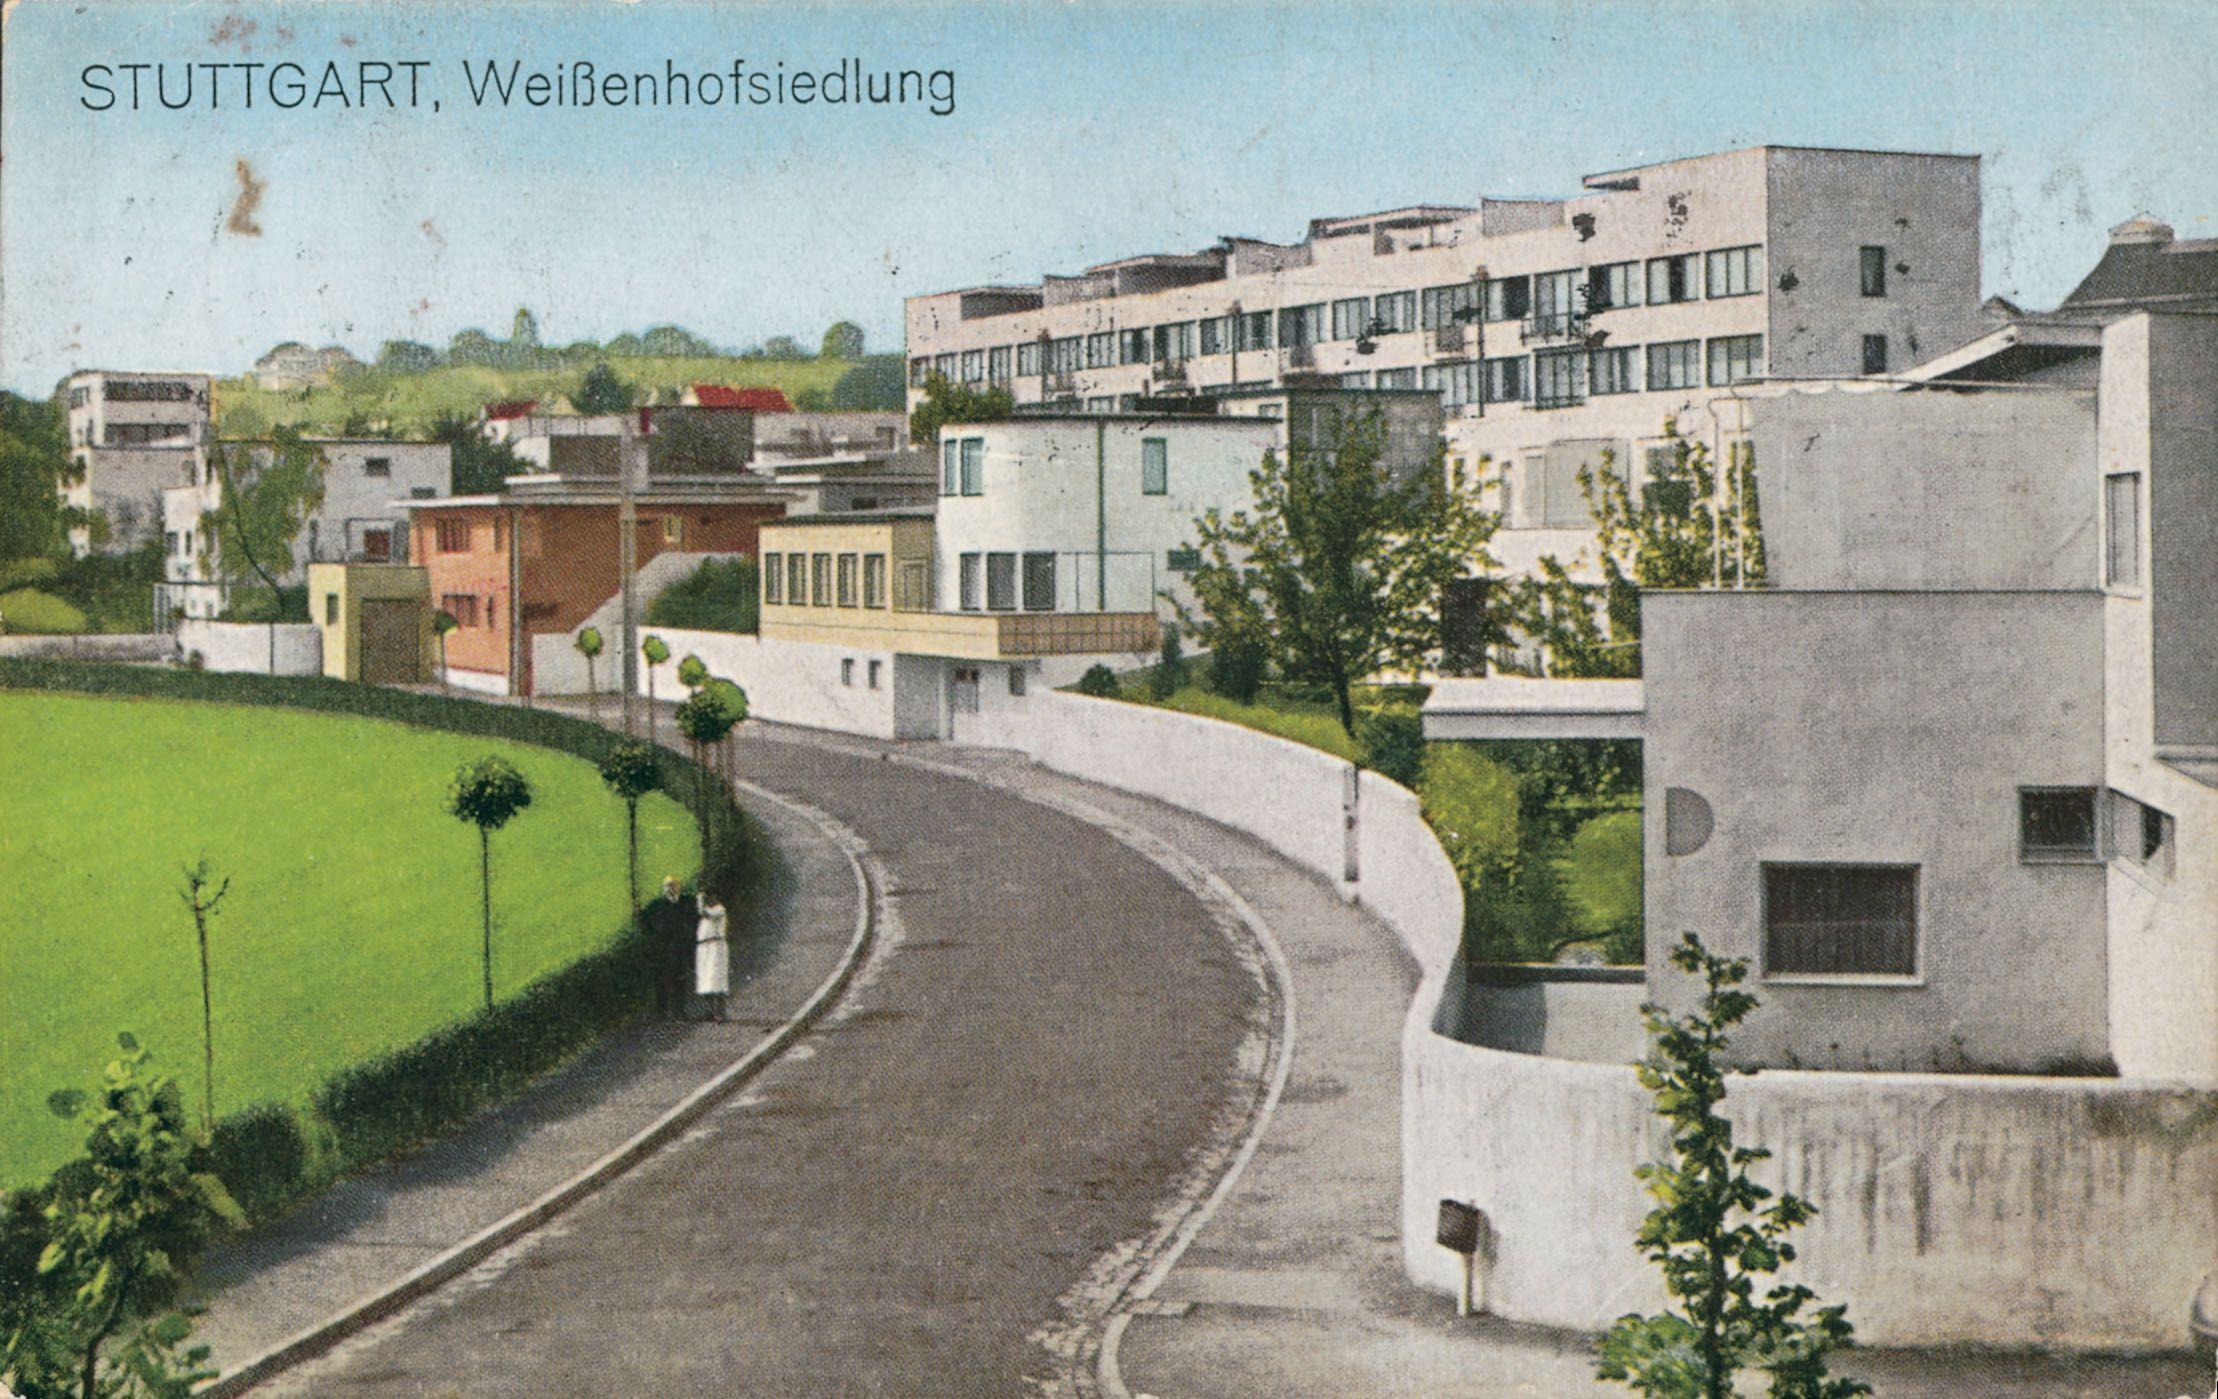 Wei enhofsiedlung stuttgart 1927 fotograf unbekannt for Neue architektur stuttgart